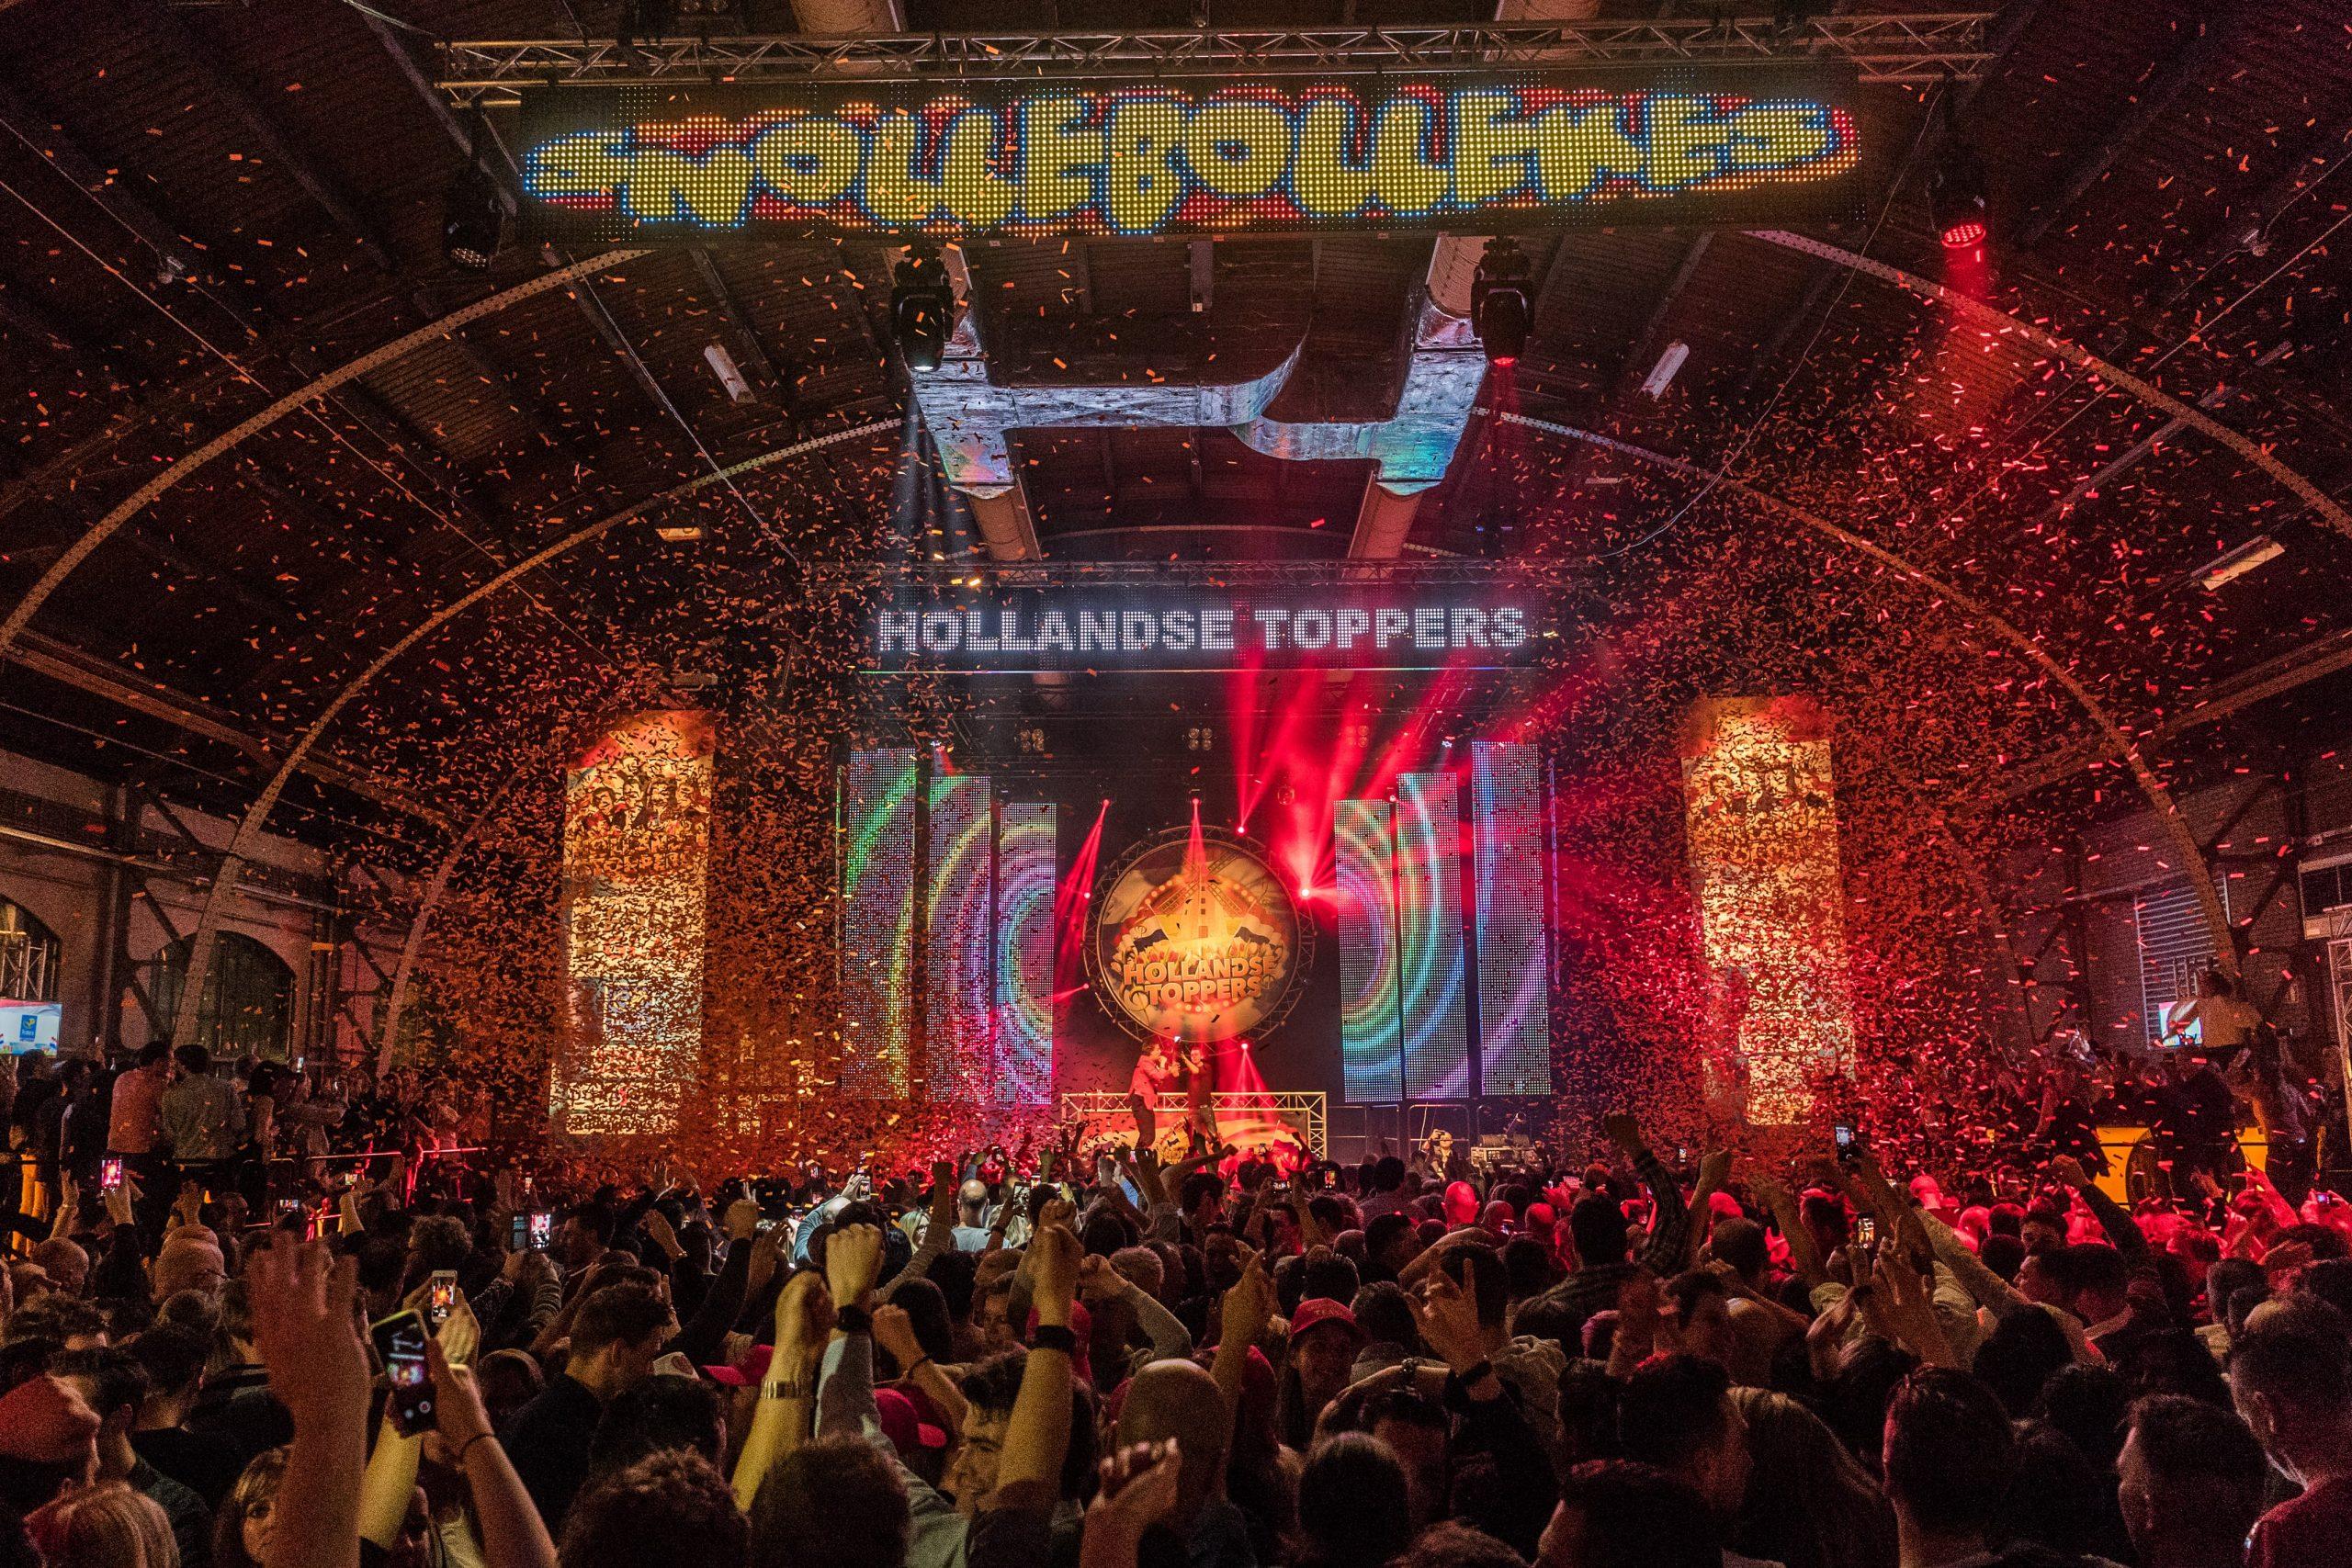 20180324_Q2-Events_Hollandse_Toppers_Corne_Hannink_Fotografie_0447-min